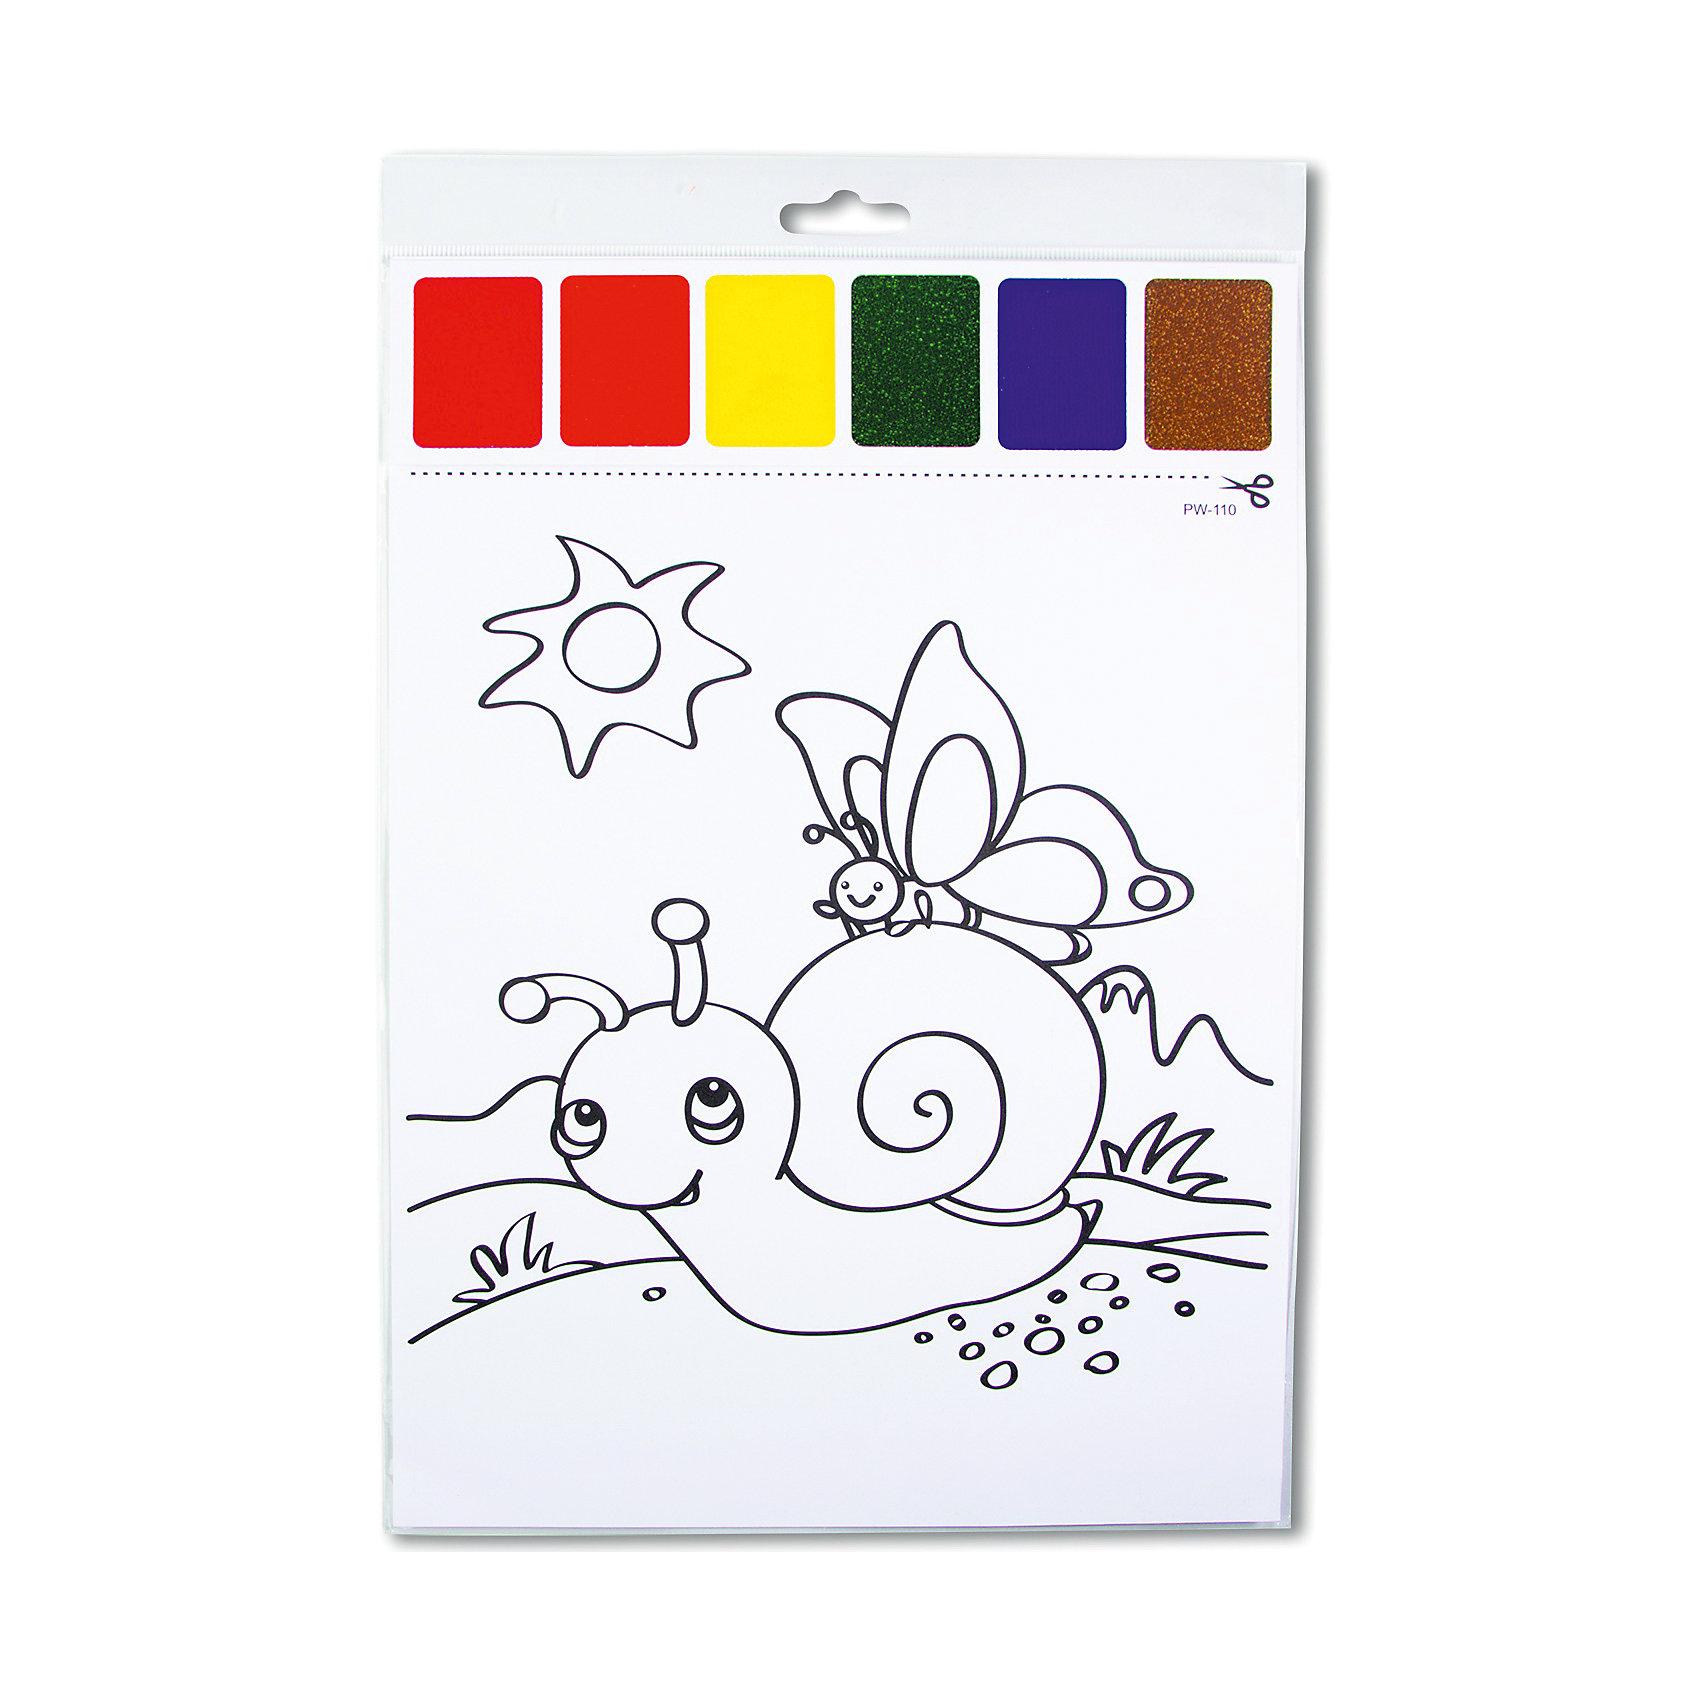 Набор для раскрашивания акварелью Улитка и бабочкаРисование<br>Характеристики товара:<br><br>• материал: картон<br>• размер: 22х32 см<br>• вес: 26 г<br>• комплектация: раскраска, палитра красок 6 цветов<br>• развивающая<br>• возраст: от трех лет<br>• страна бренда: Финляндия<br>• страна изготовитель: Китай<br><br>Такая раскраска станет отличным подарком малышам! Она отличается тем, что прямо на ней - акварельные краски! В палитре - 6 самых популярных оттенков, которых хватит для раскрашивания картинки. Изображения крупные, поэтому даже малышам будет легко их раскрасить. С помощью раскрашивания ребенок не только весело проведет время, он будет тренировать внимательность, абстрактное мышление, логику, усидчивость, мелкую моторику и творческие способности. <br>Раскраска выпущена в удобном формате. Изделие производится из качественных и проверенных материалов, которые безопасны для детей.<br><br>Набор для раскрашивания акварелью Улитка и бабочка от бренда KriBly Boo можно купить в нашем интернет-магазине.<br><br>Ширина мм: 320<br>Глубина мм: 215<br>Высота мм: 3<br>Вес г: 26<br>Возраст от месяцев: 36<br>Возраст до месяцев: 84<br>Пол: Унисекс<br>Возраст: Детский<br>SKU: 5167829